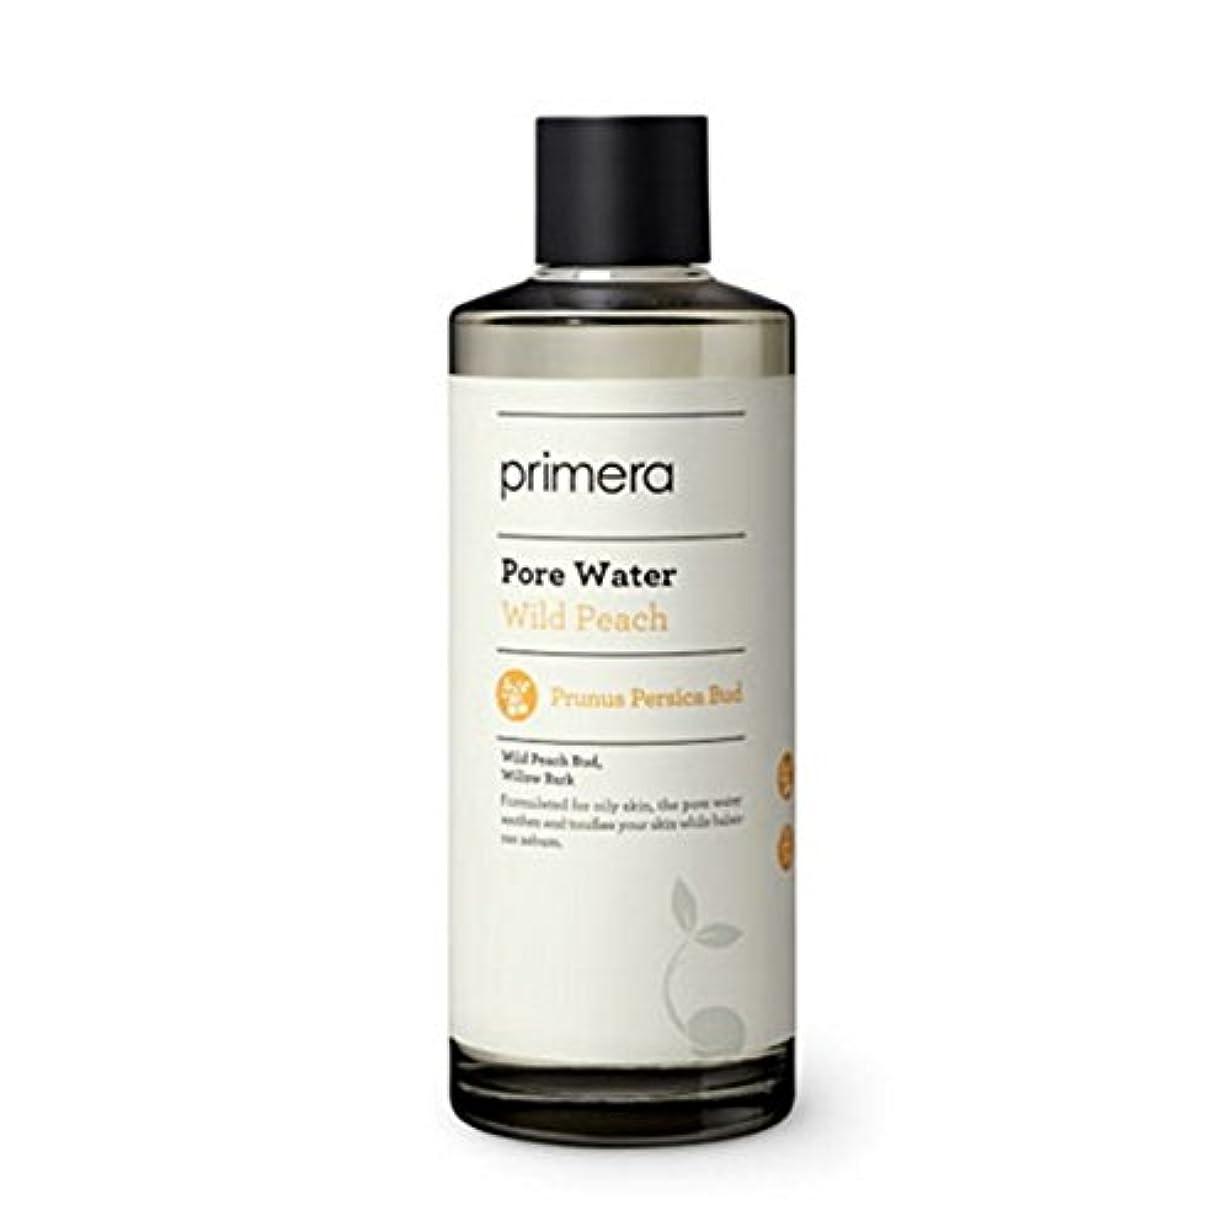 で教育者記念日【プリメーラ】 PRIMERA Wild Peach Pore Water ワイルドピッチフォアウォーター 【韓国直送品】 OOPSPANDA